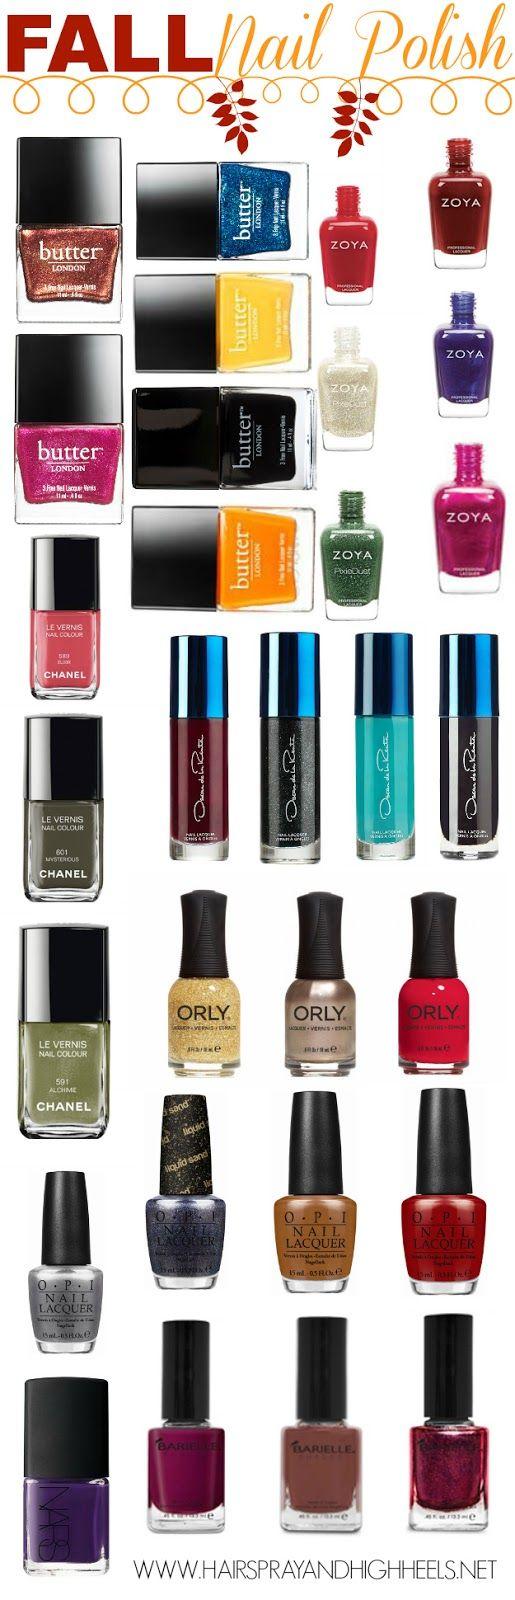 Fall Nail Polish Picks! The perfect fall nail polish colors that will be perfect for the whole season! #nails #beauty